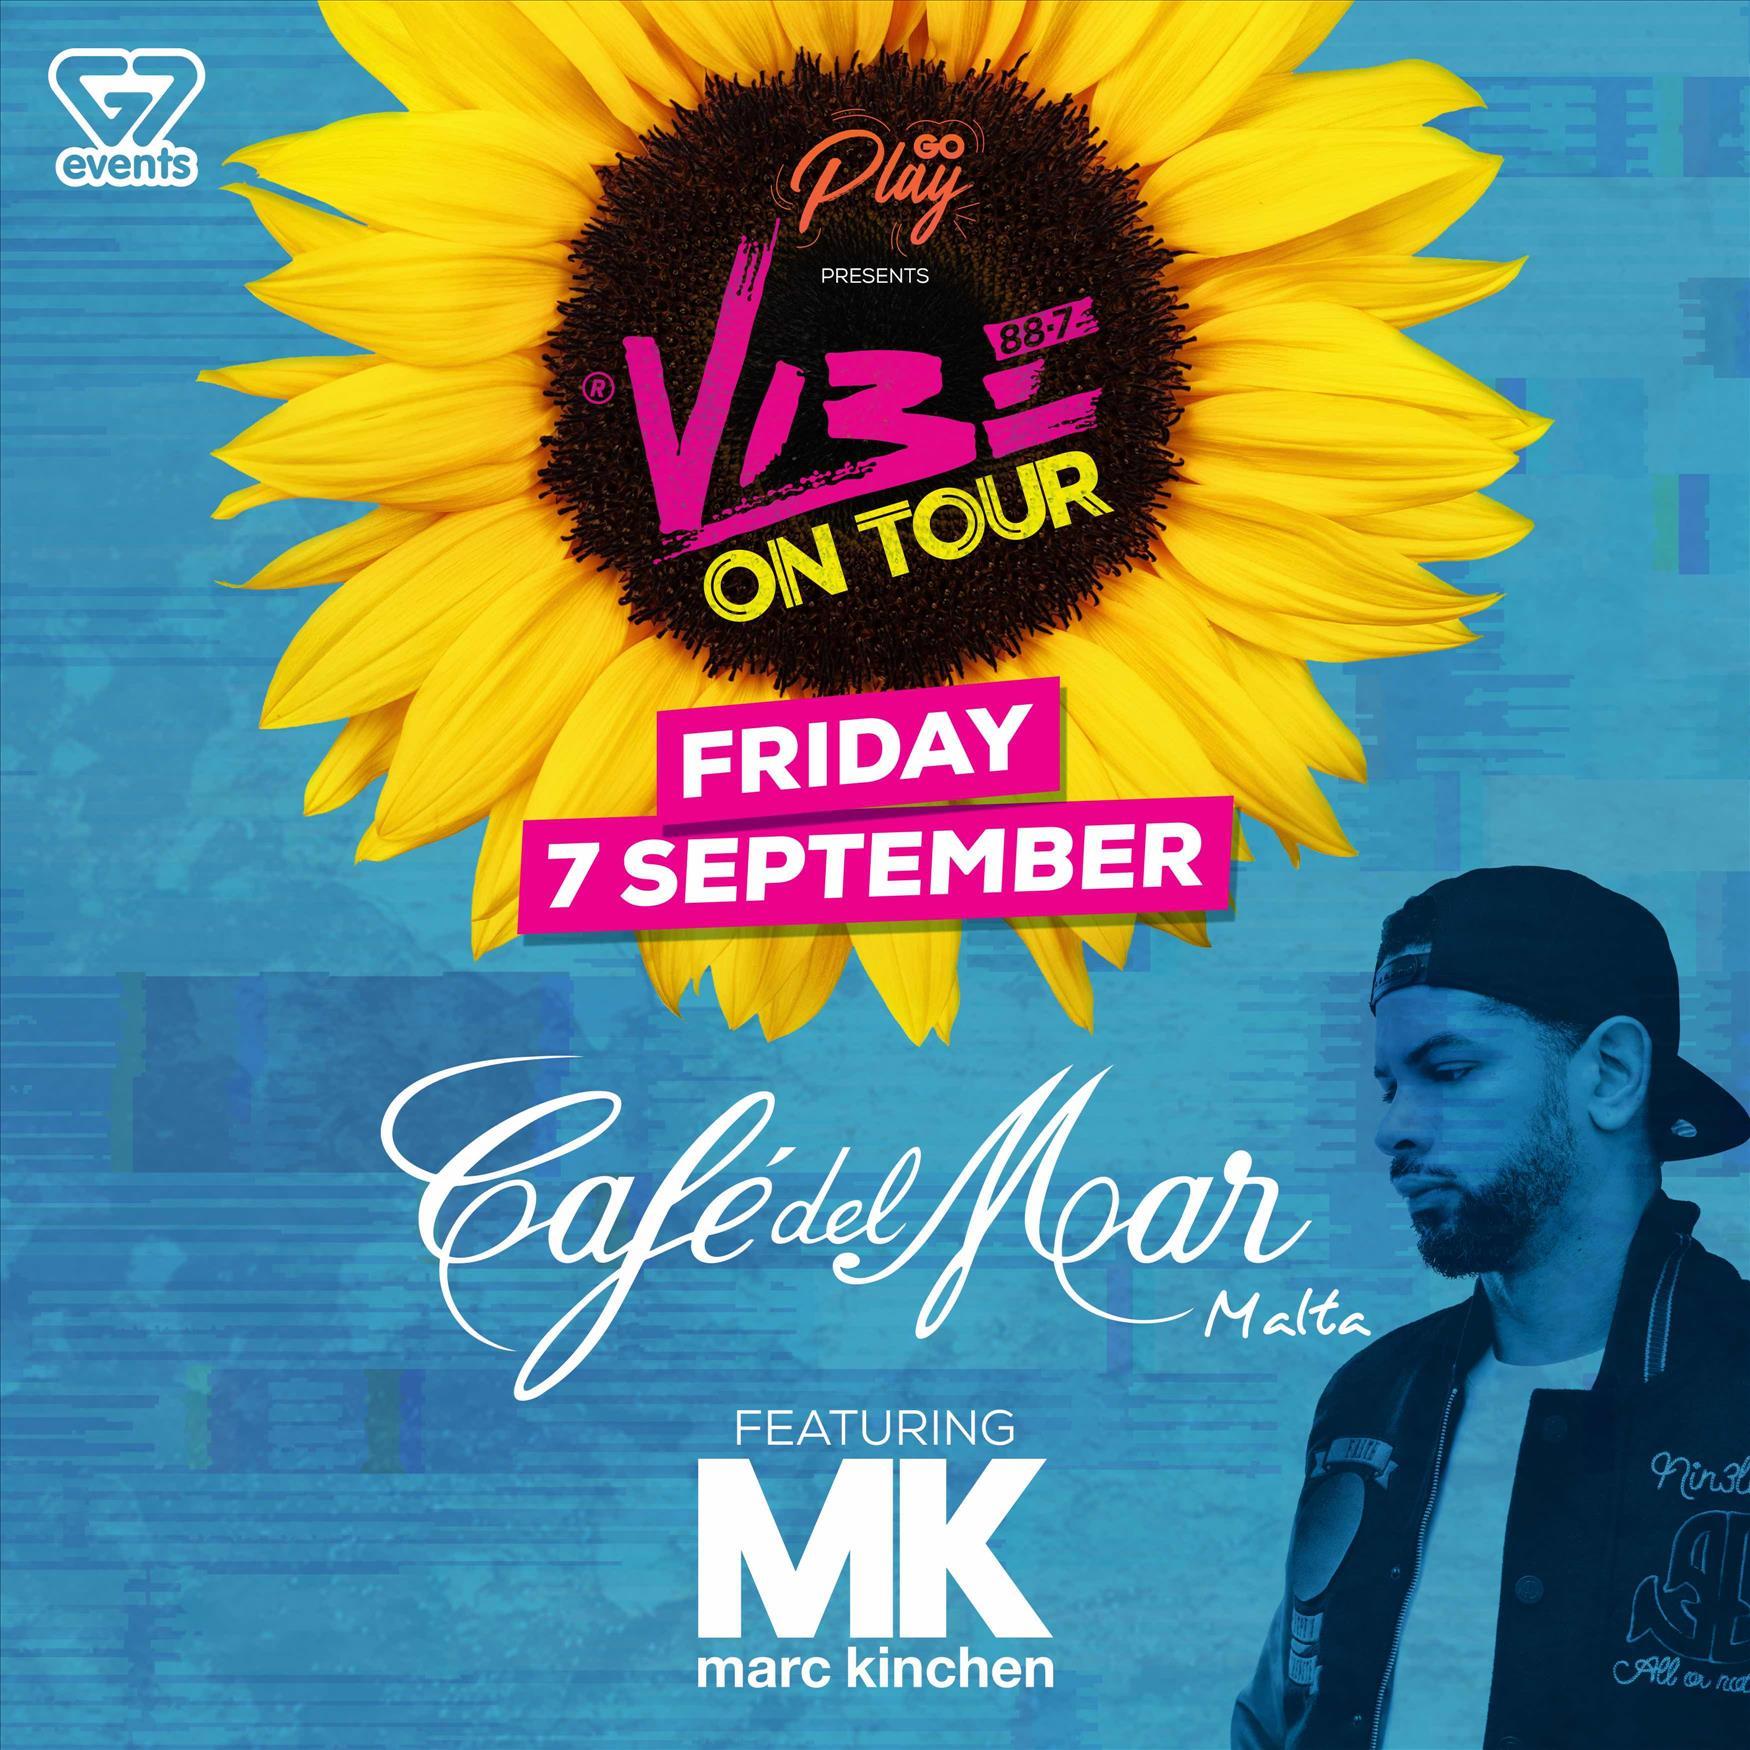 VIBE ON TOUR ft. MK